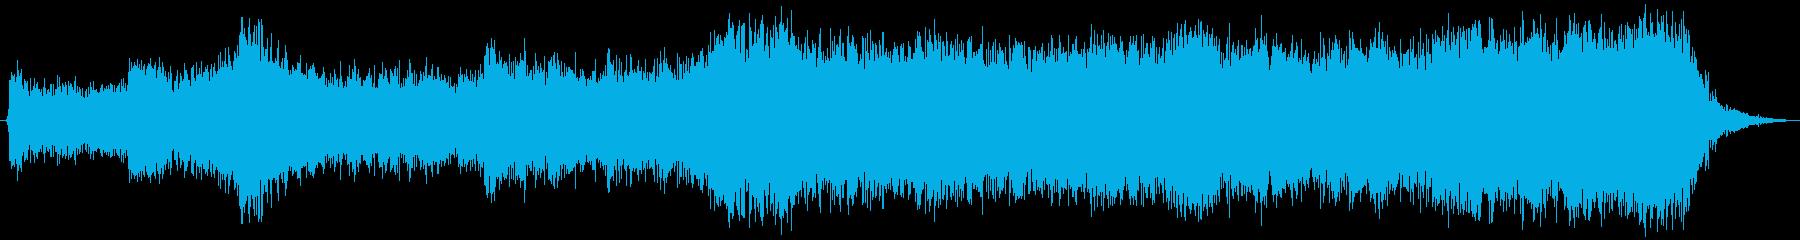 Planet Earthのショート版の再生済みの波形